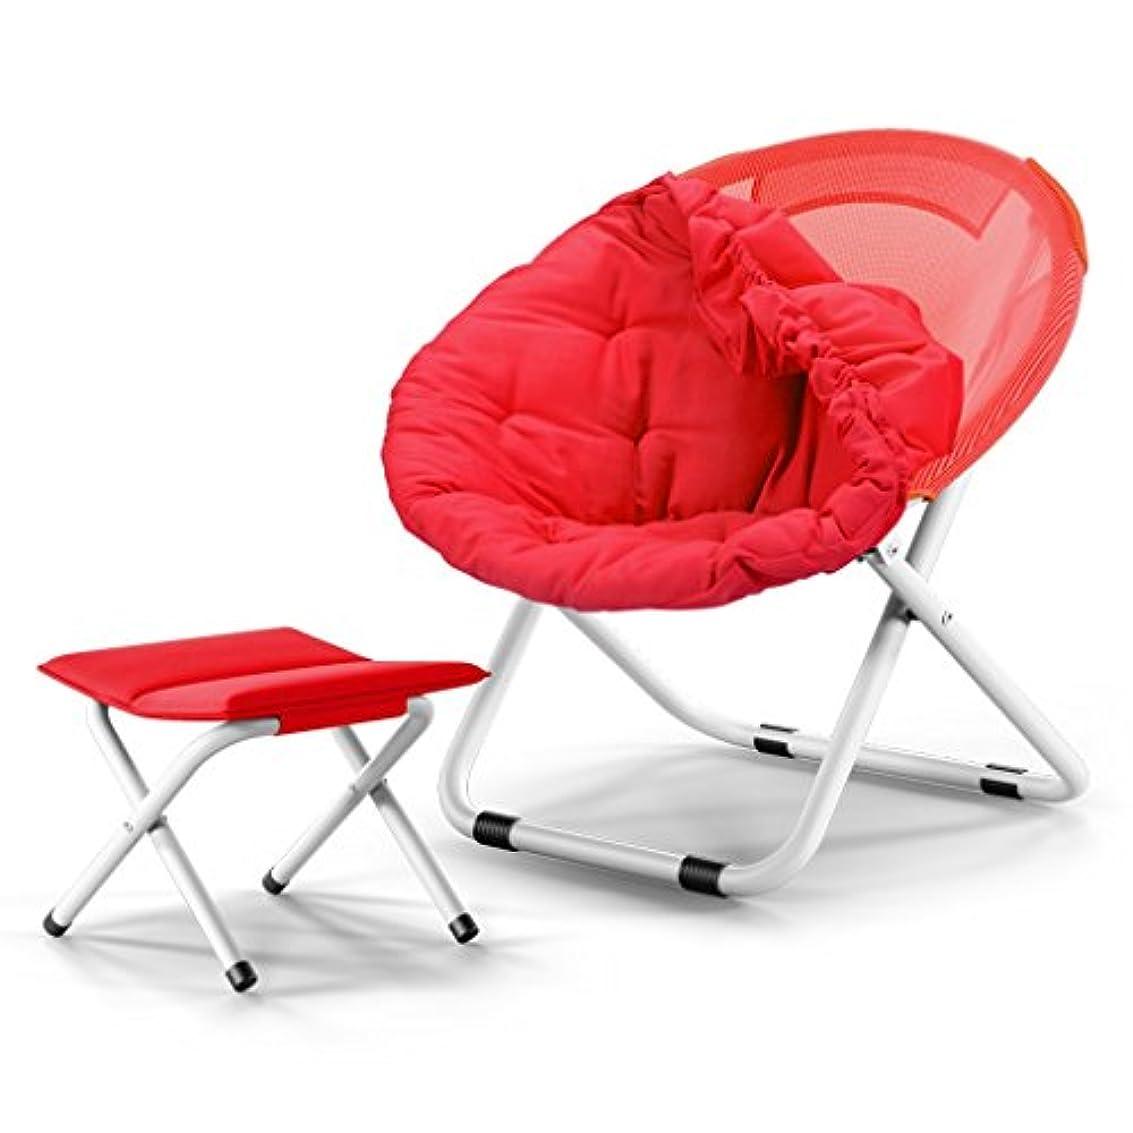 欲望フィルタゴールド折り畳み式デッキチェア携帯用旅行折りたたみ椅子丸型チェアムーンチェアキャンプチェアレジャーソファ椅子背もたれ椅子庭園パティオサンラウンジャー (色 : 赤, 設計 : A+Footstool)